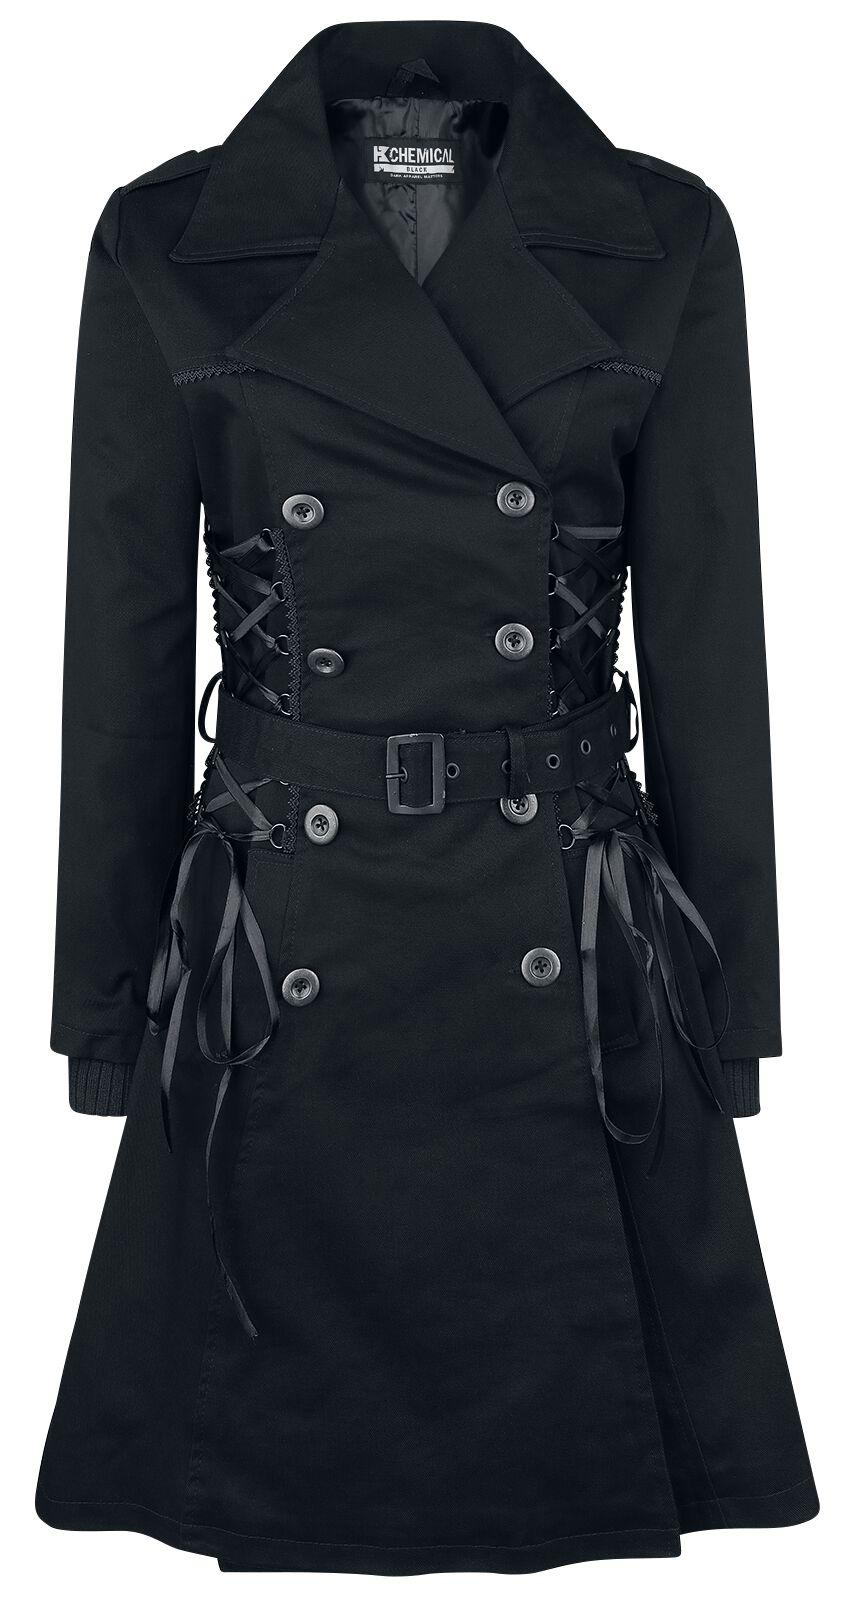 Marki - Płaszcze - Płaszcz damski Chemical Black Ellen Coat Płaszcz damski czarny - 364039